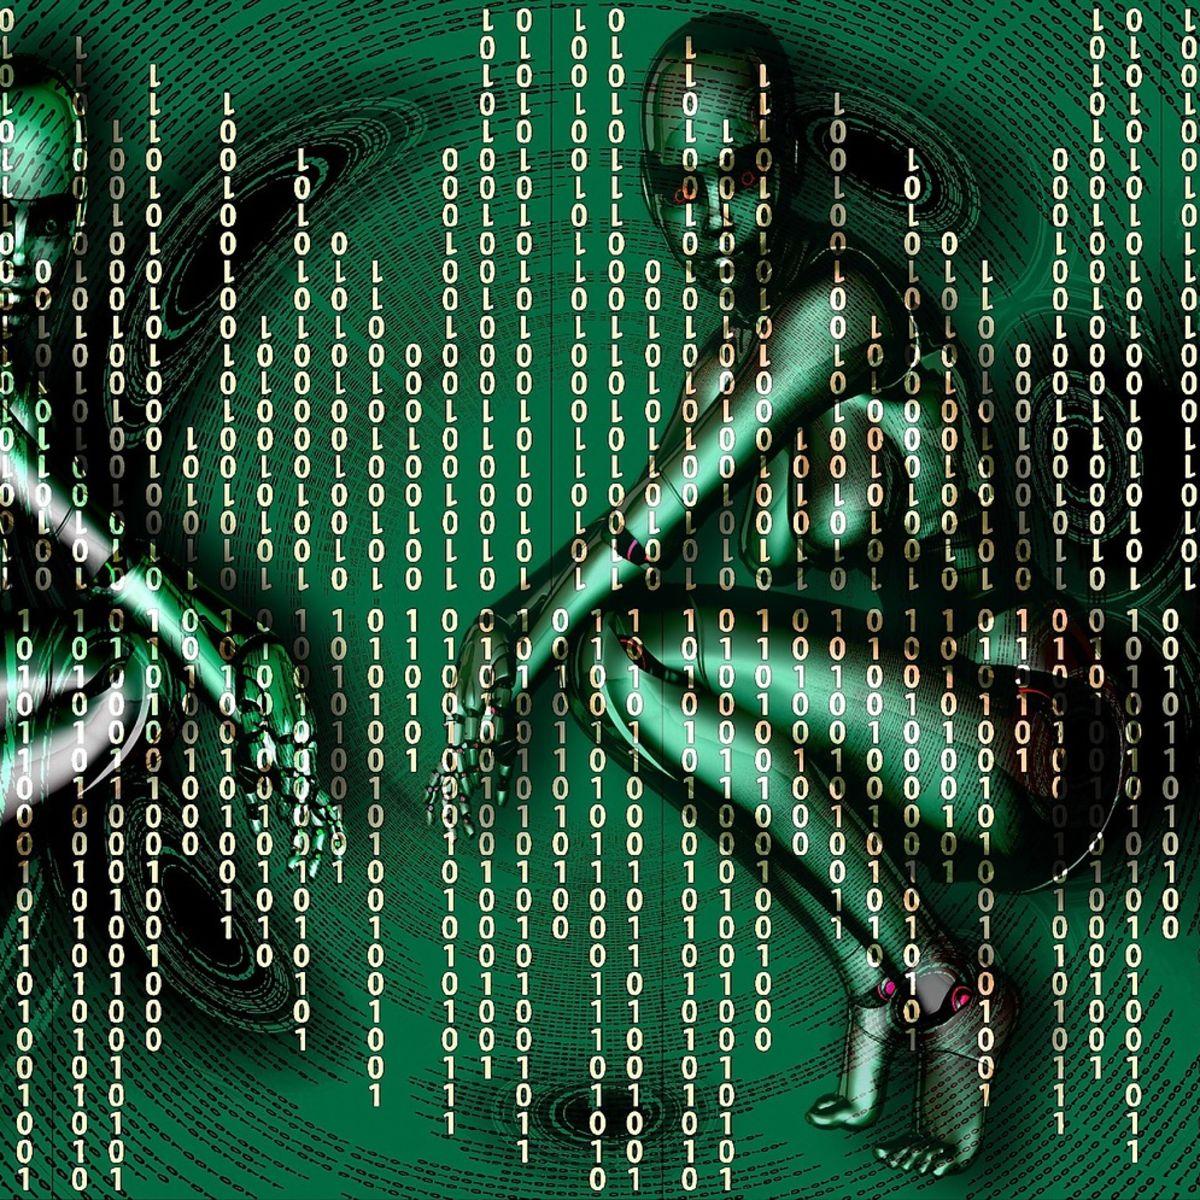 Matrix: CPU, code, internet of the future, women